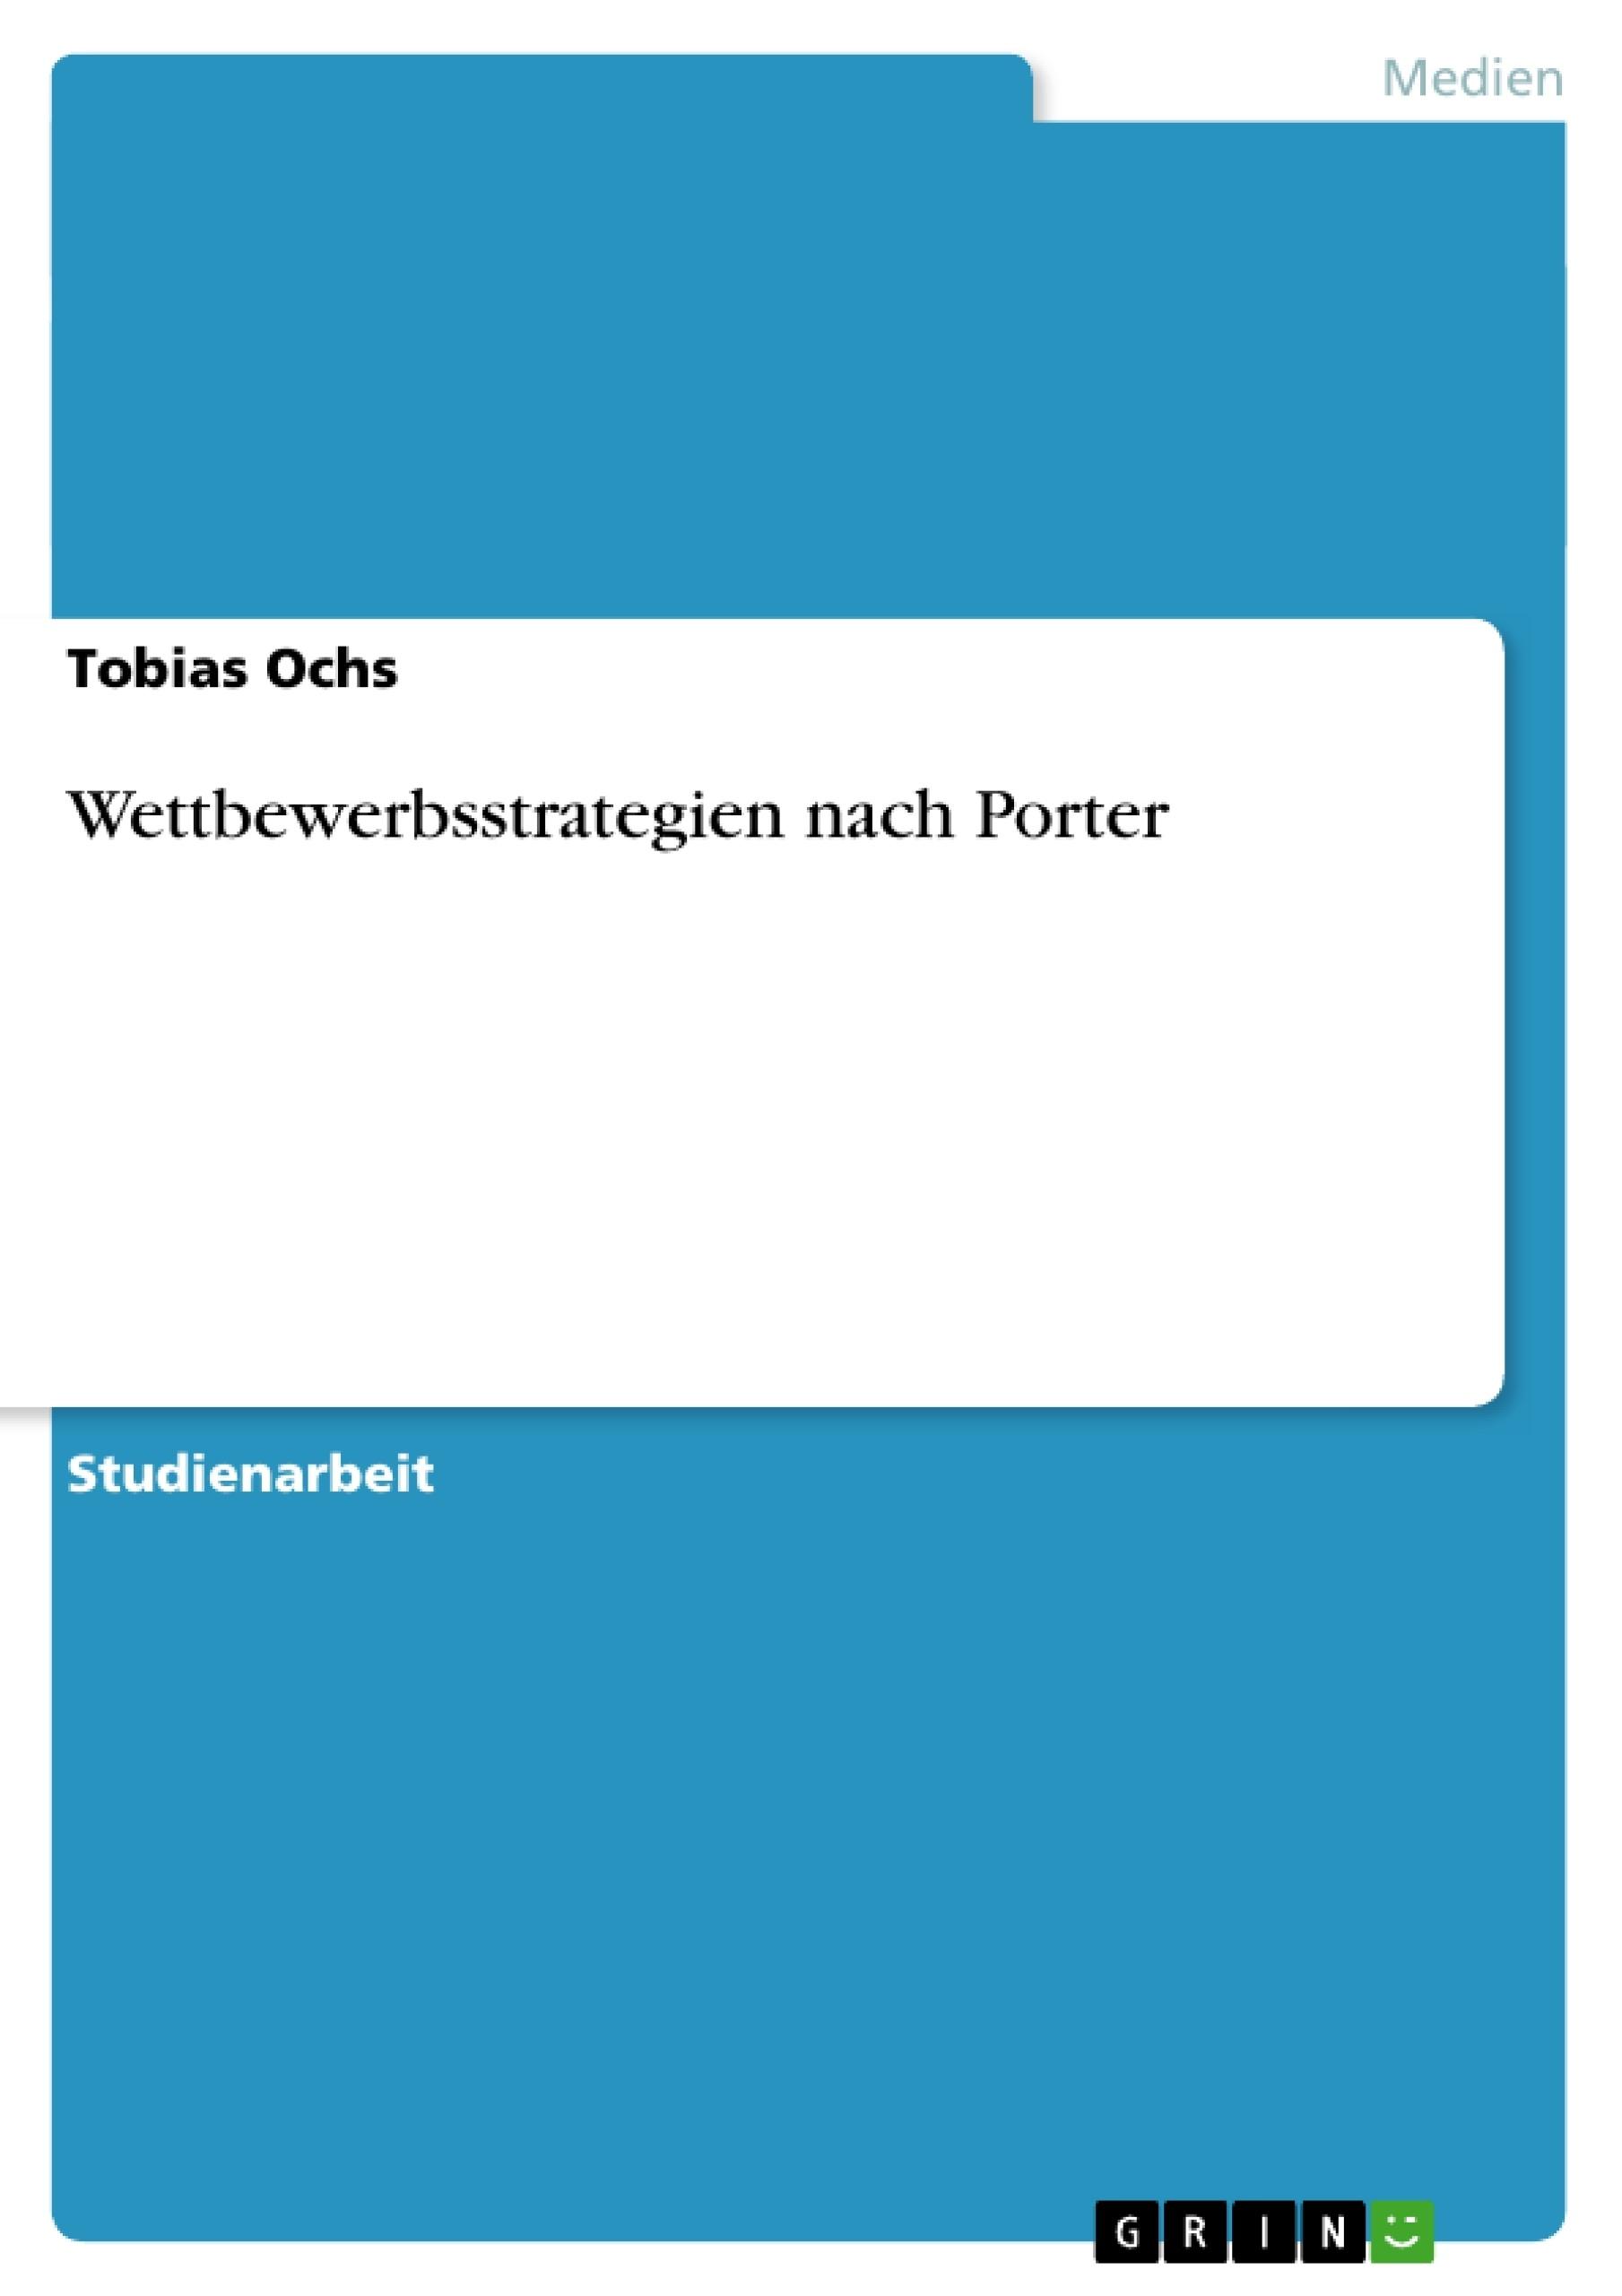 Titel: Wettbewerbsstrategien nach Porter